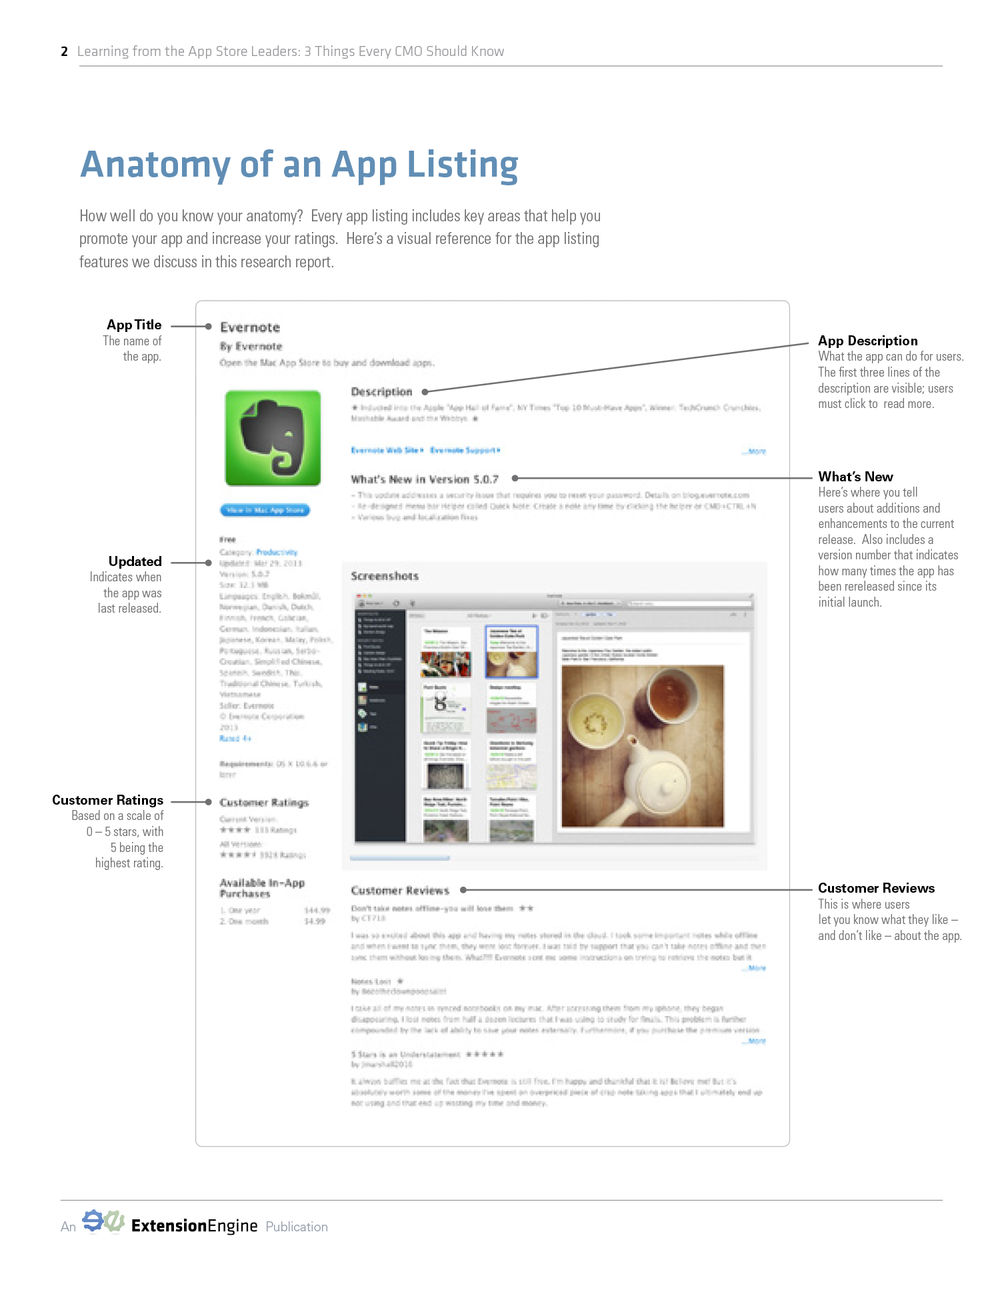 EE_Brief_AppStore-Leaders-4.png